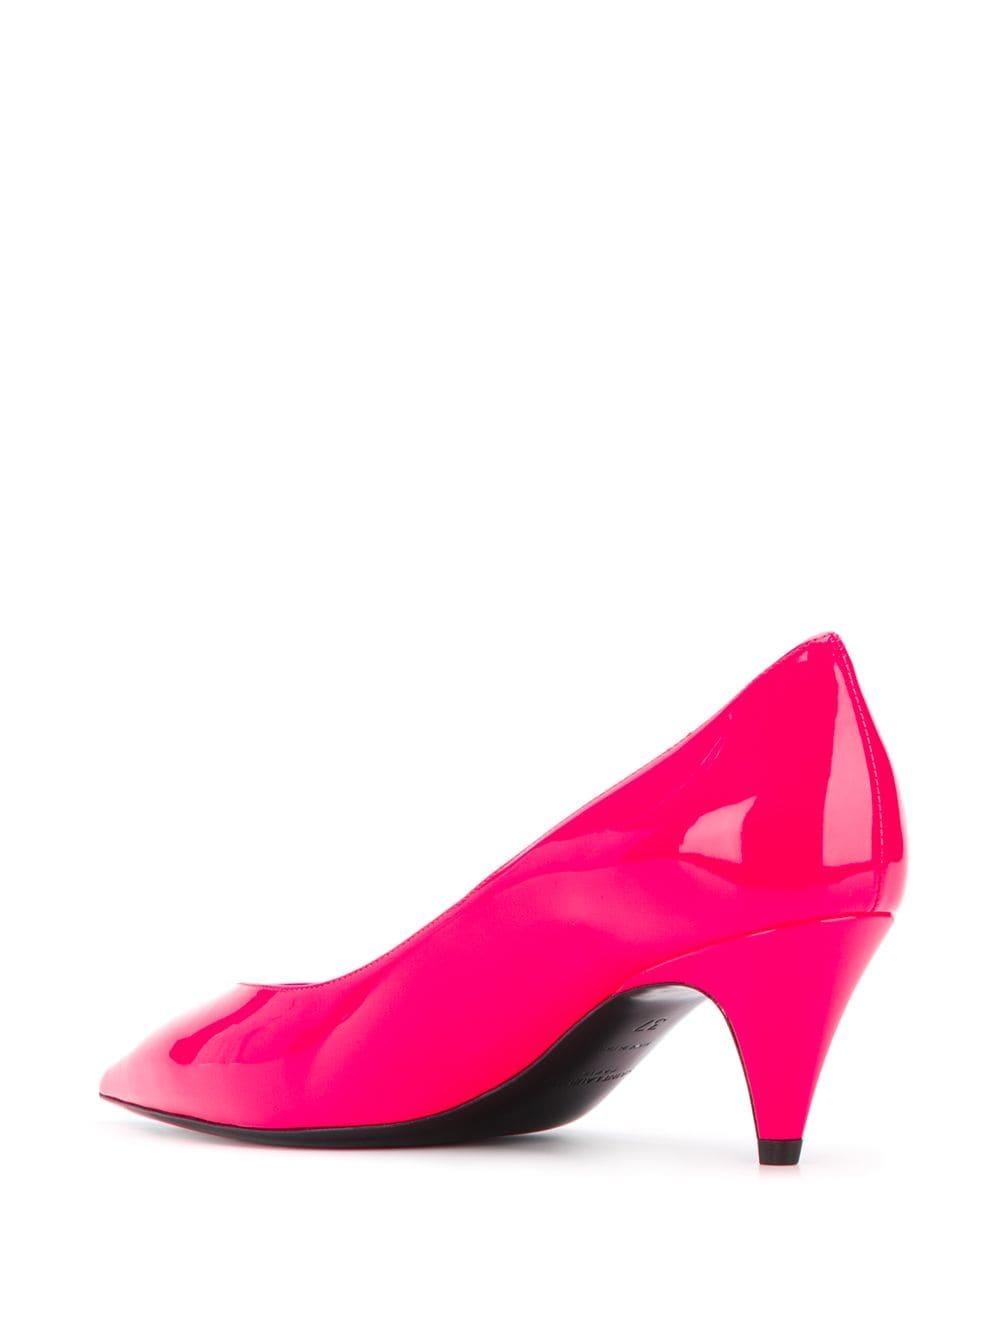 Picture of Saint Laurent | Kiki Low Heel Pumps